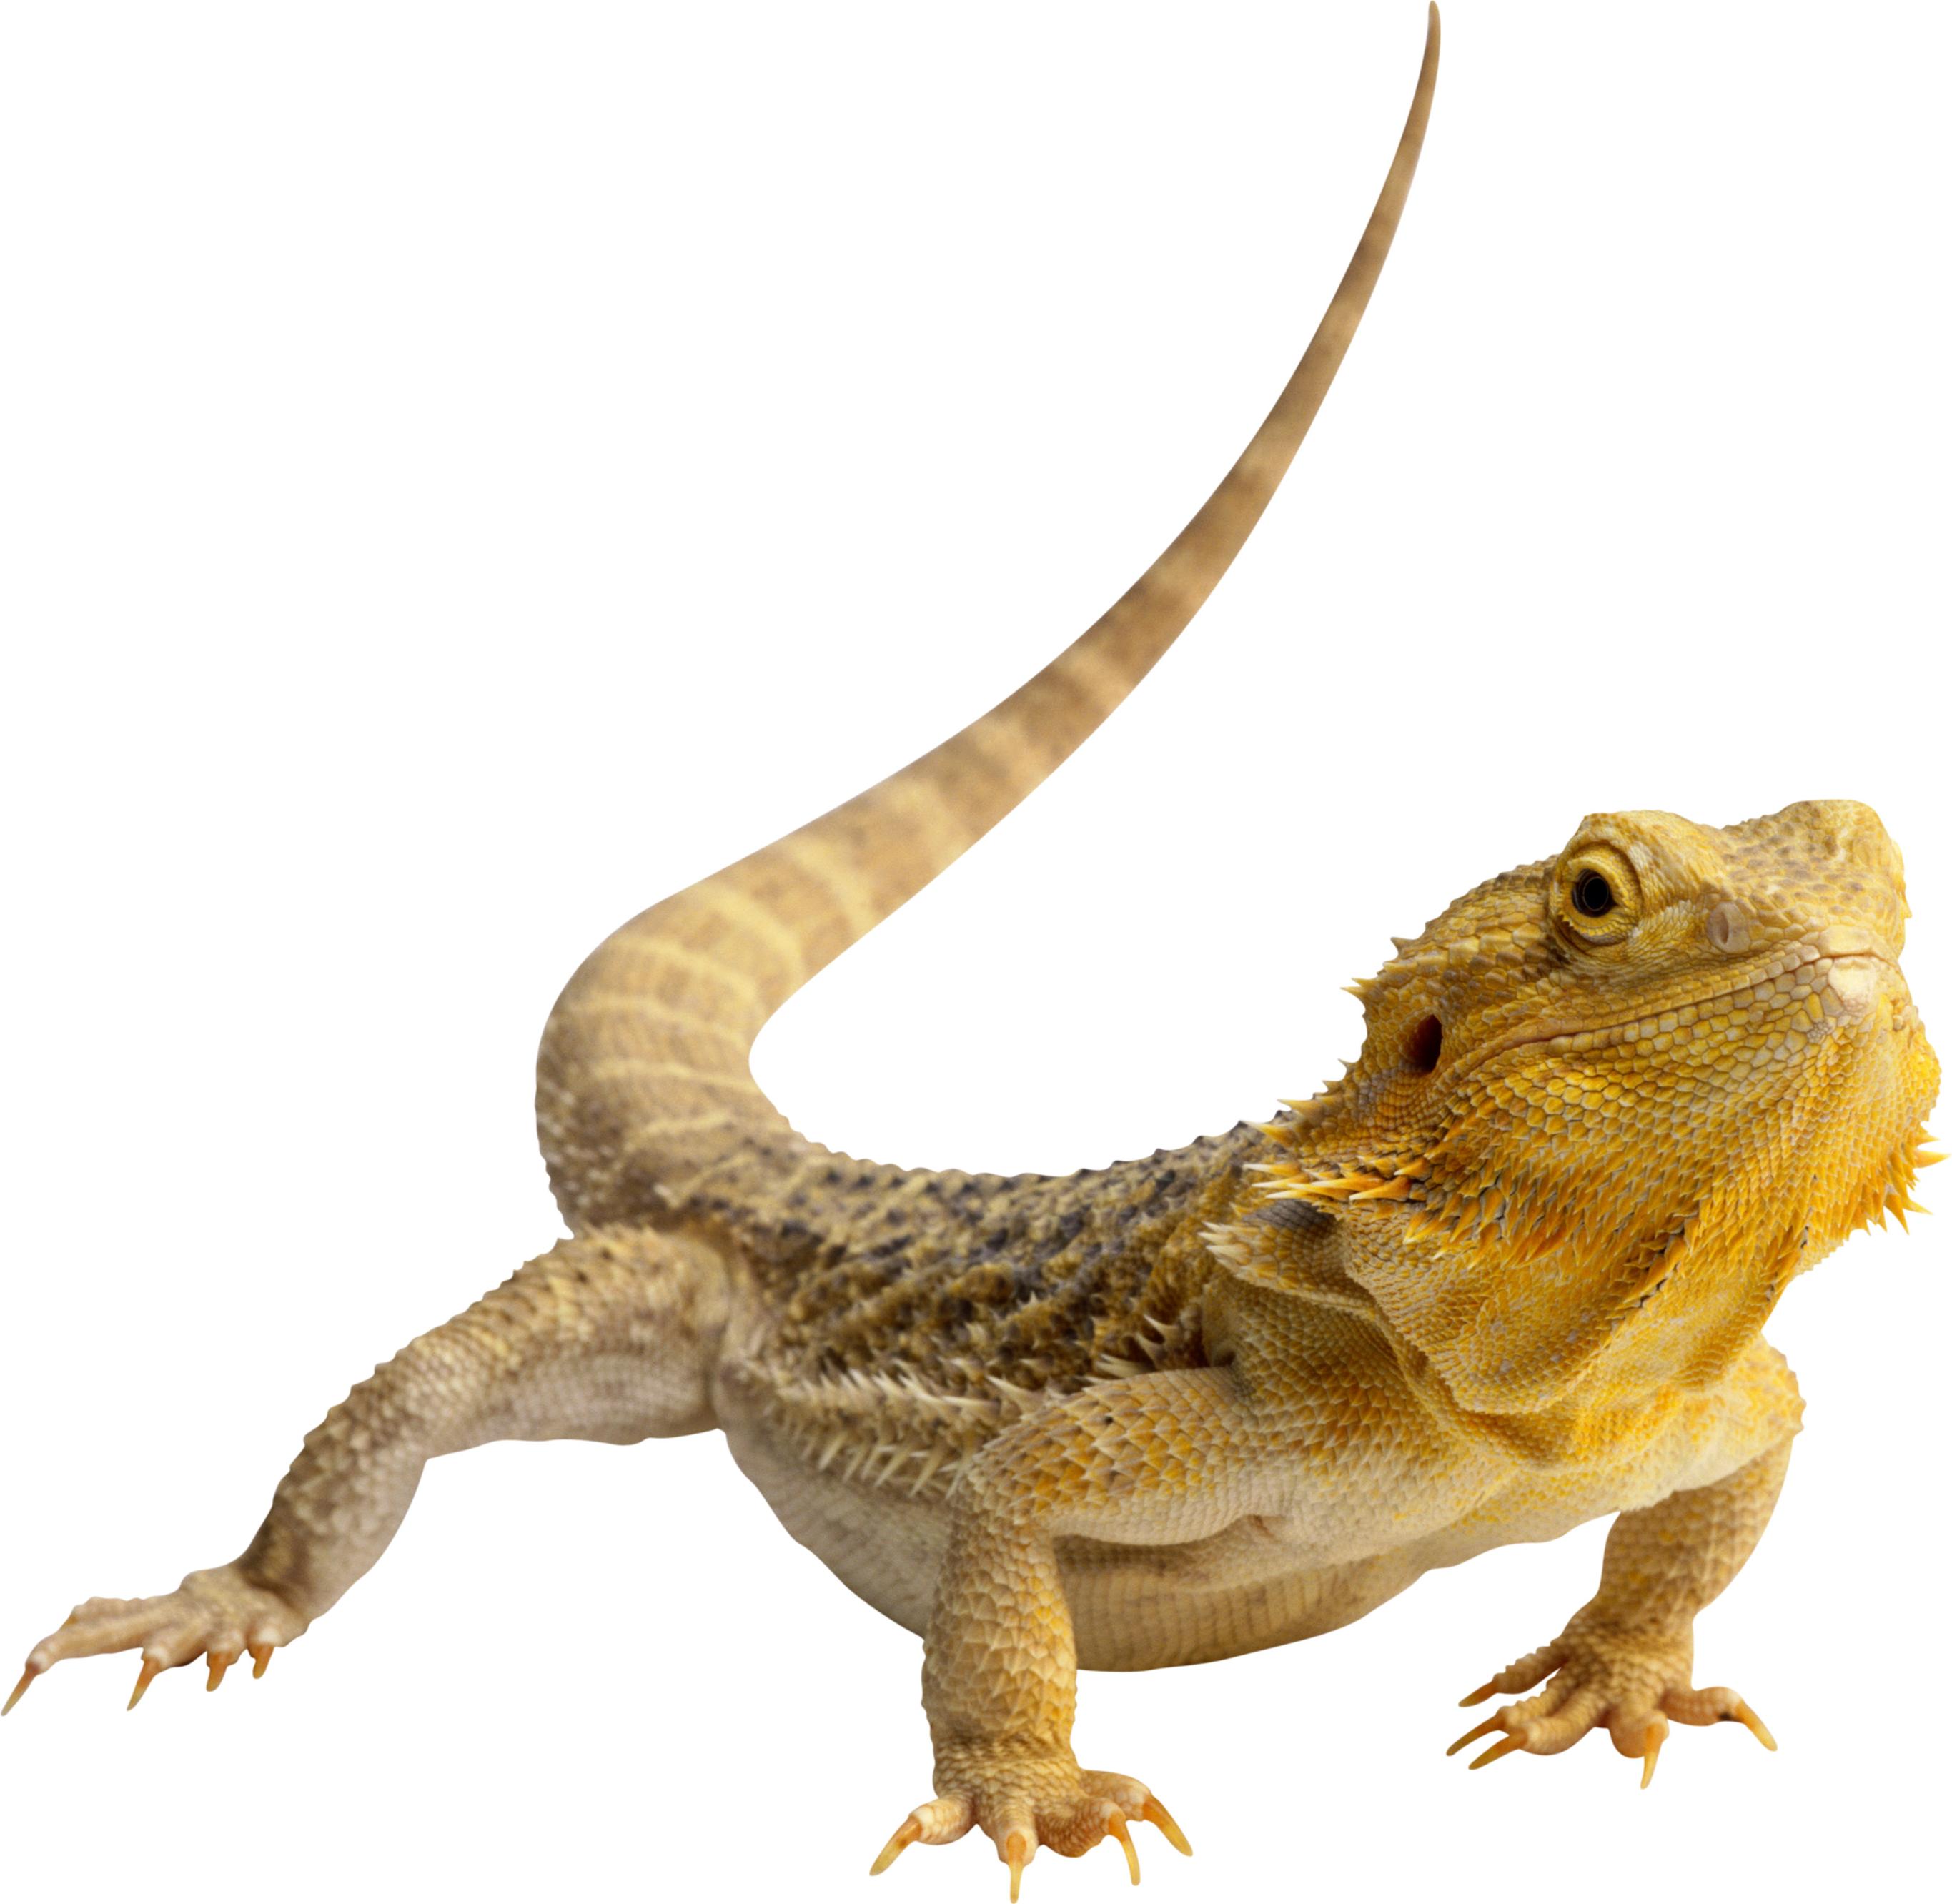 Lizard PNG